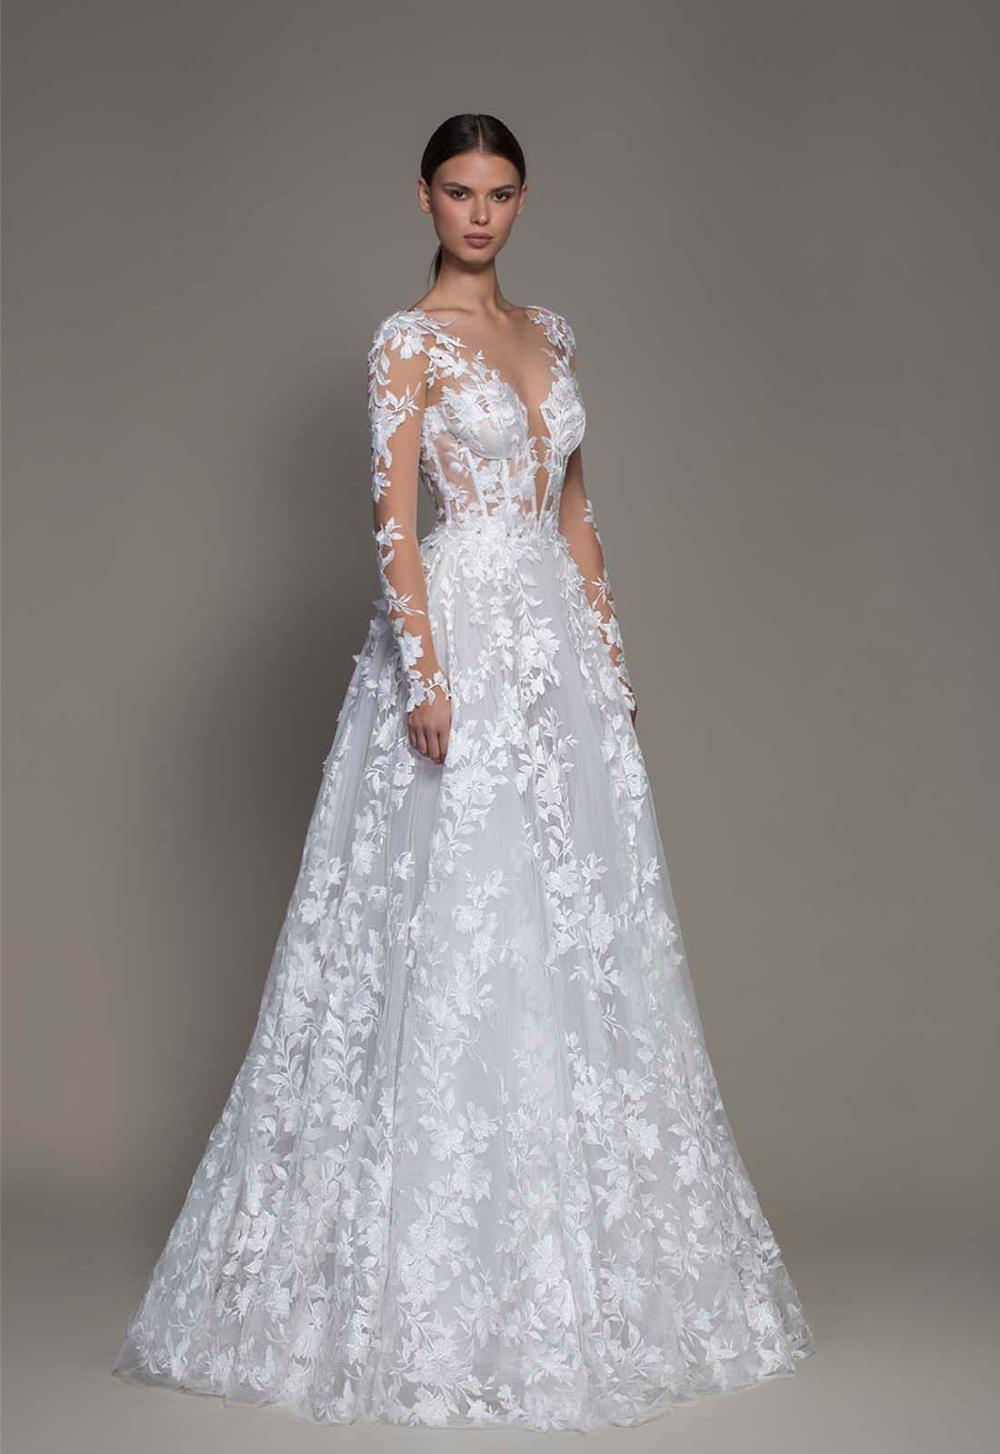 Pnina Tornai In 2020 Pnina Tornai Wedding Dress Panina Tornai Wedding Dress Wedding Dresses Lace